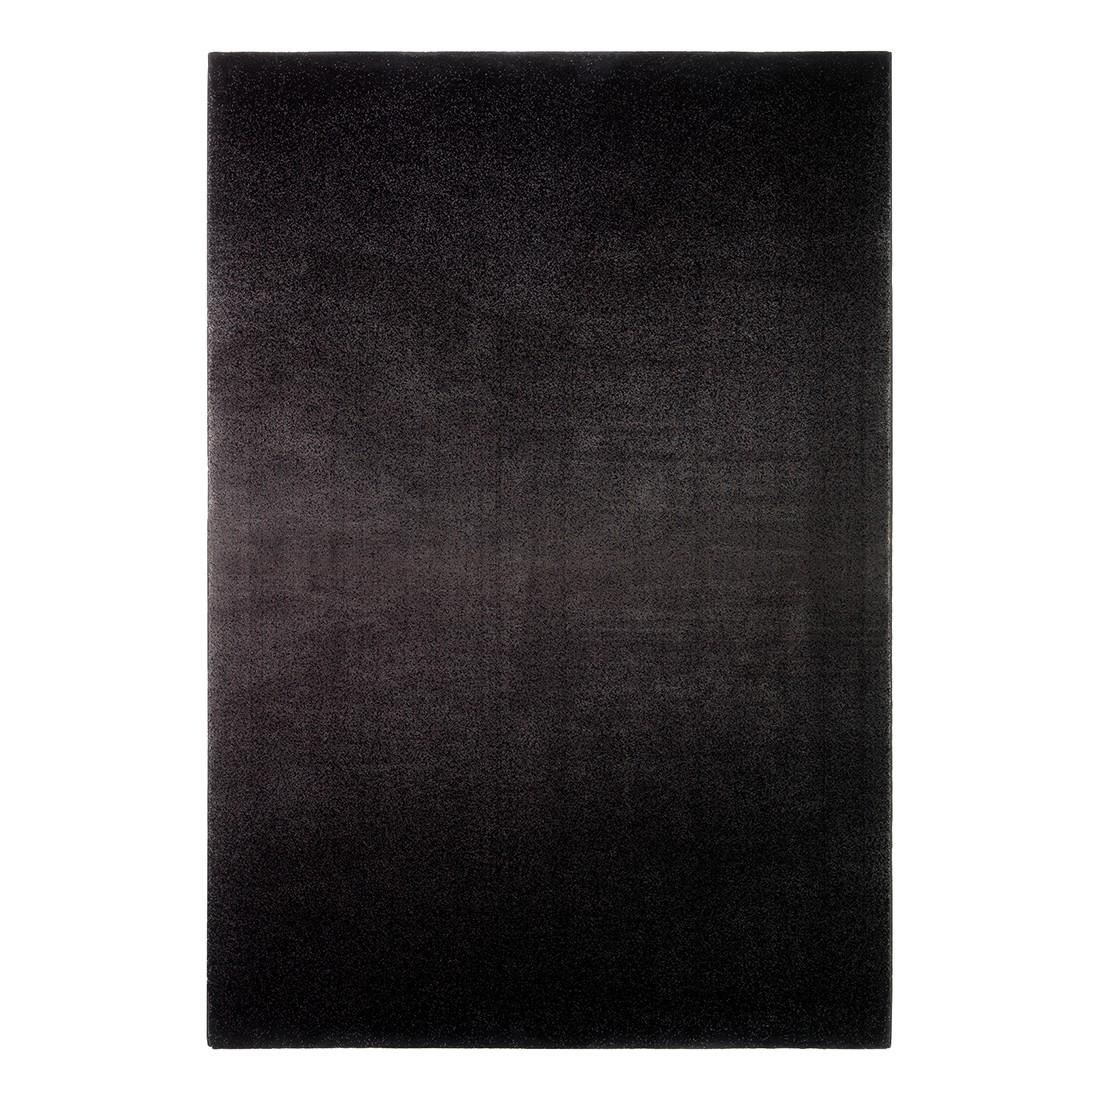 Teppich Richmond – Anthrazit – 160 cm x 230 cm, Esprit Home günstig kaufen